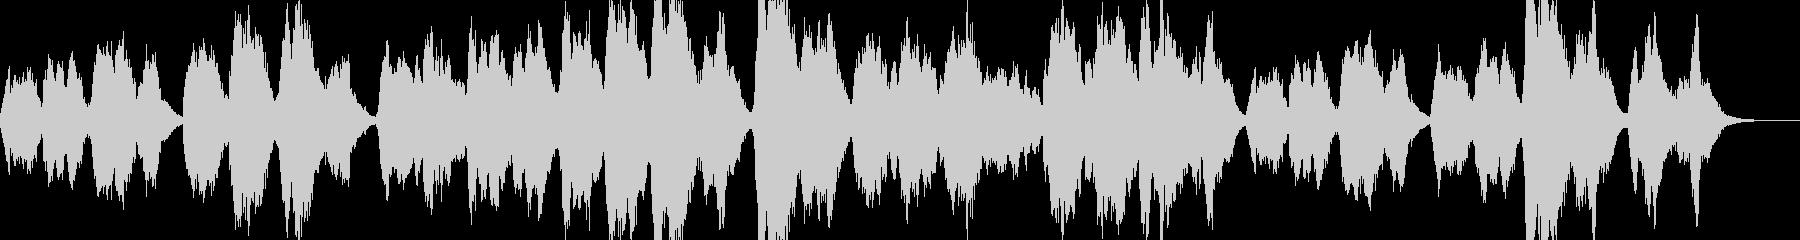 教会風ゴシックな雰囲気のBGMの未再生の波形